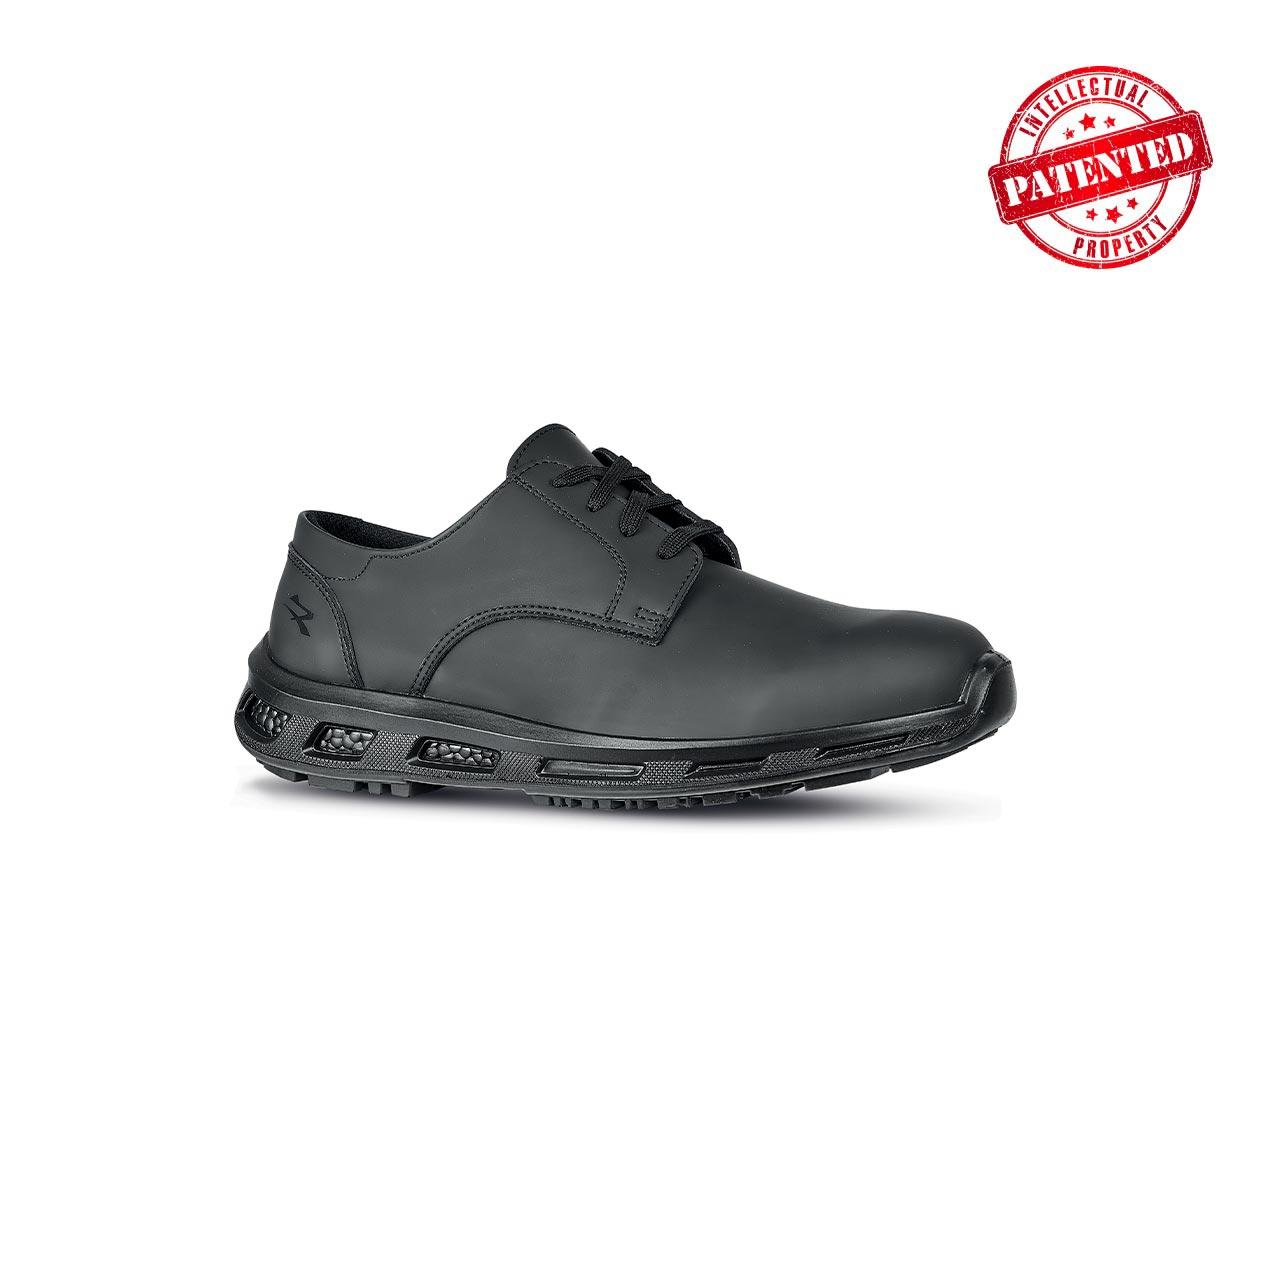 scarpa antinfortunistica upower modello greg linea redpro vista laterale